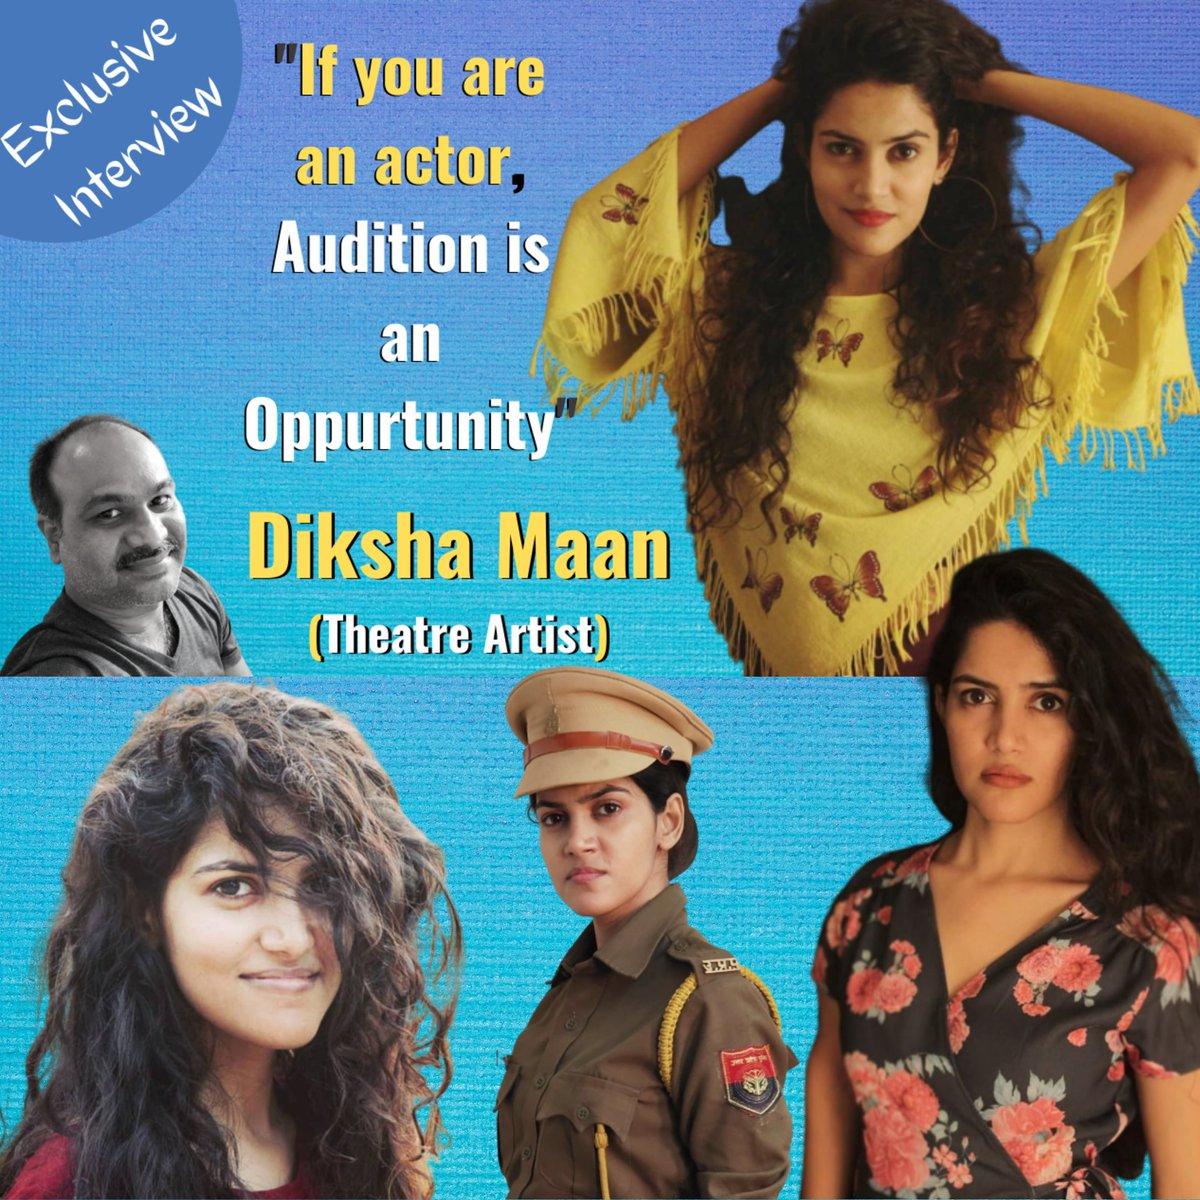 Exclusive interview with Diksha Maan, theatre artist. #dikshamaan #theatreartist #filmartist #onlineinterview #filmactress #IndianActress #bollywoodactress #ActressInterview #IndianCelebrity #Artistinterview #bestofguru #youngtalent #IndianTalent  https://twitter.com/DigitalGurunath/status/1277679344970678272/photo/1pic.twitter.com/0OdxYIuNFIpic.twitter.com/xlIt5DE8Fa